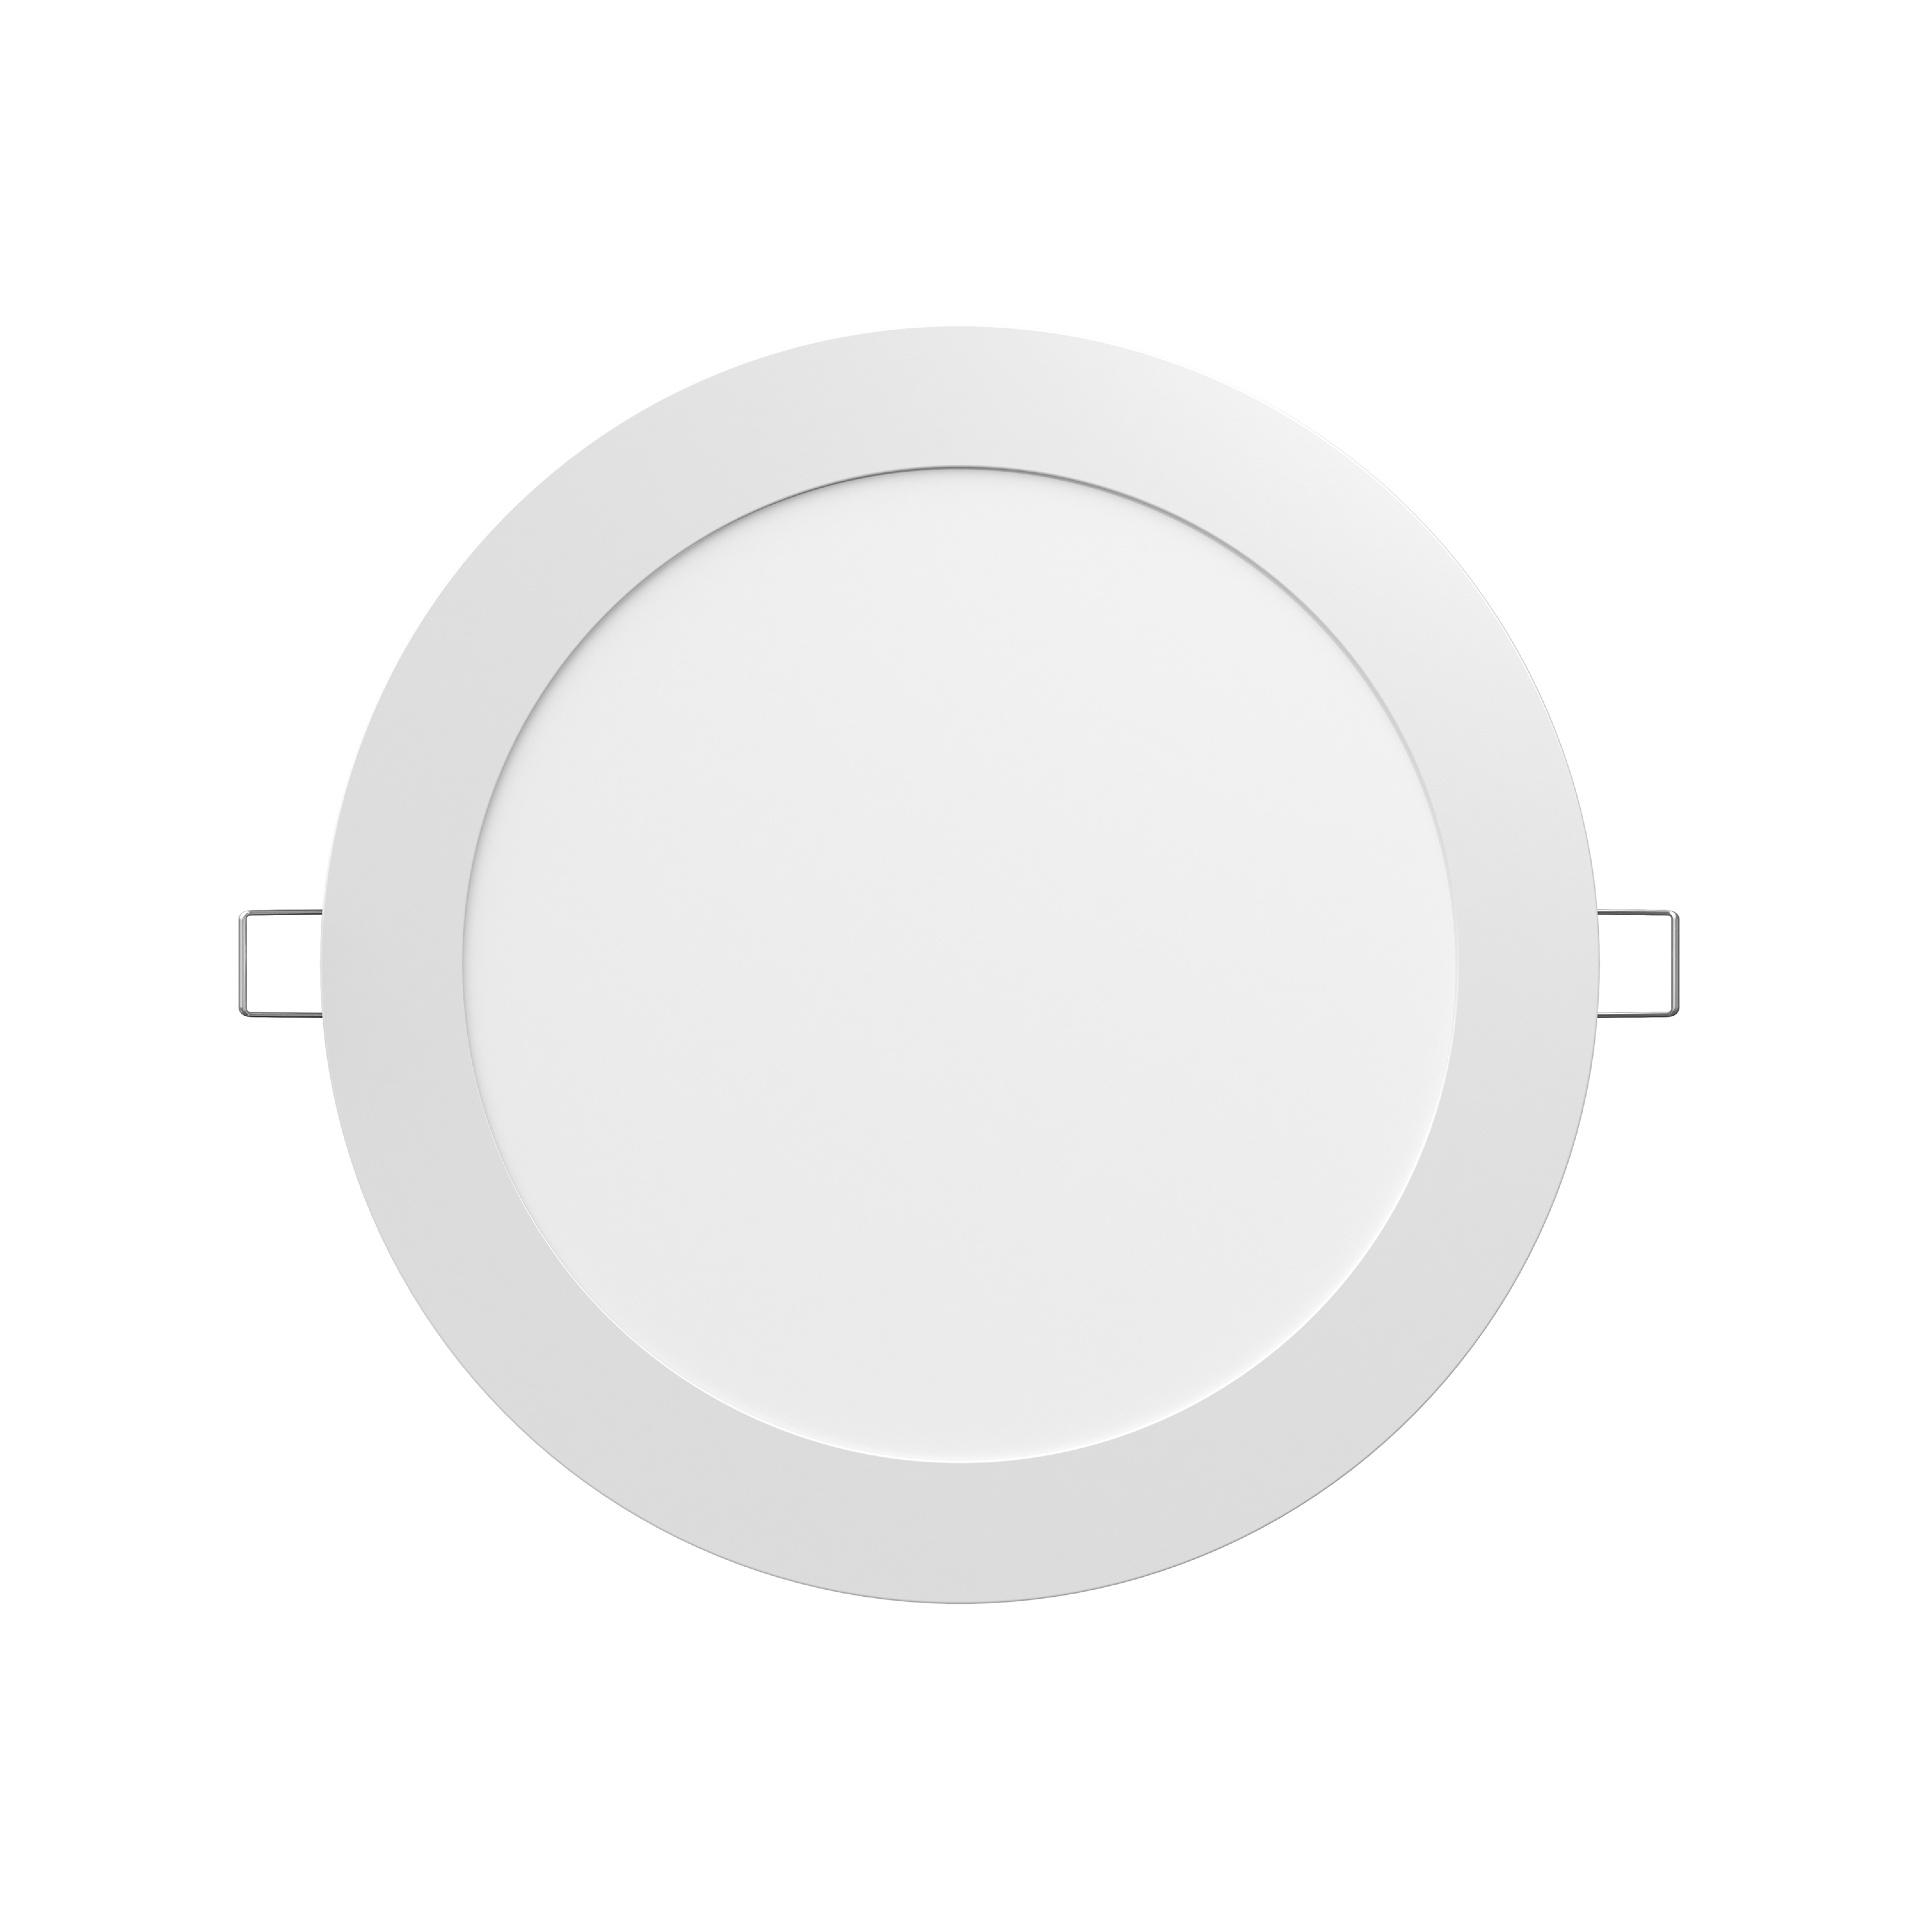 Luminária Ledvance Insert 12W/830 Redonda 100-240V Osram